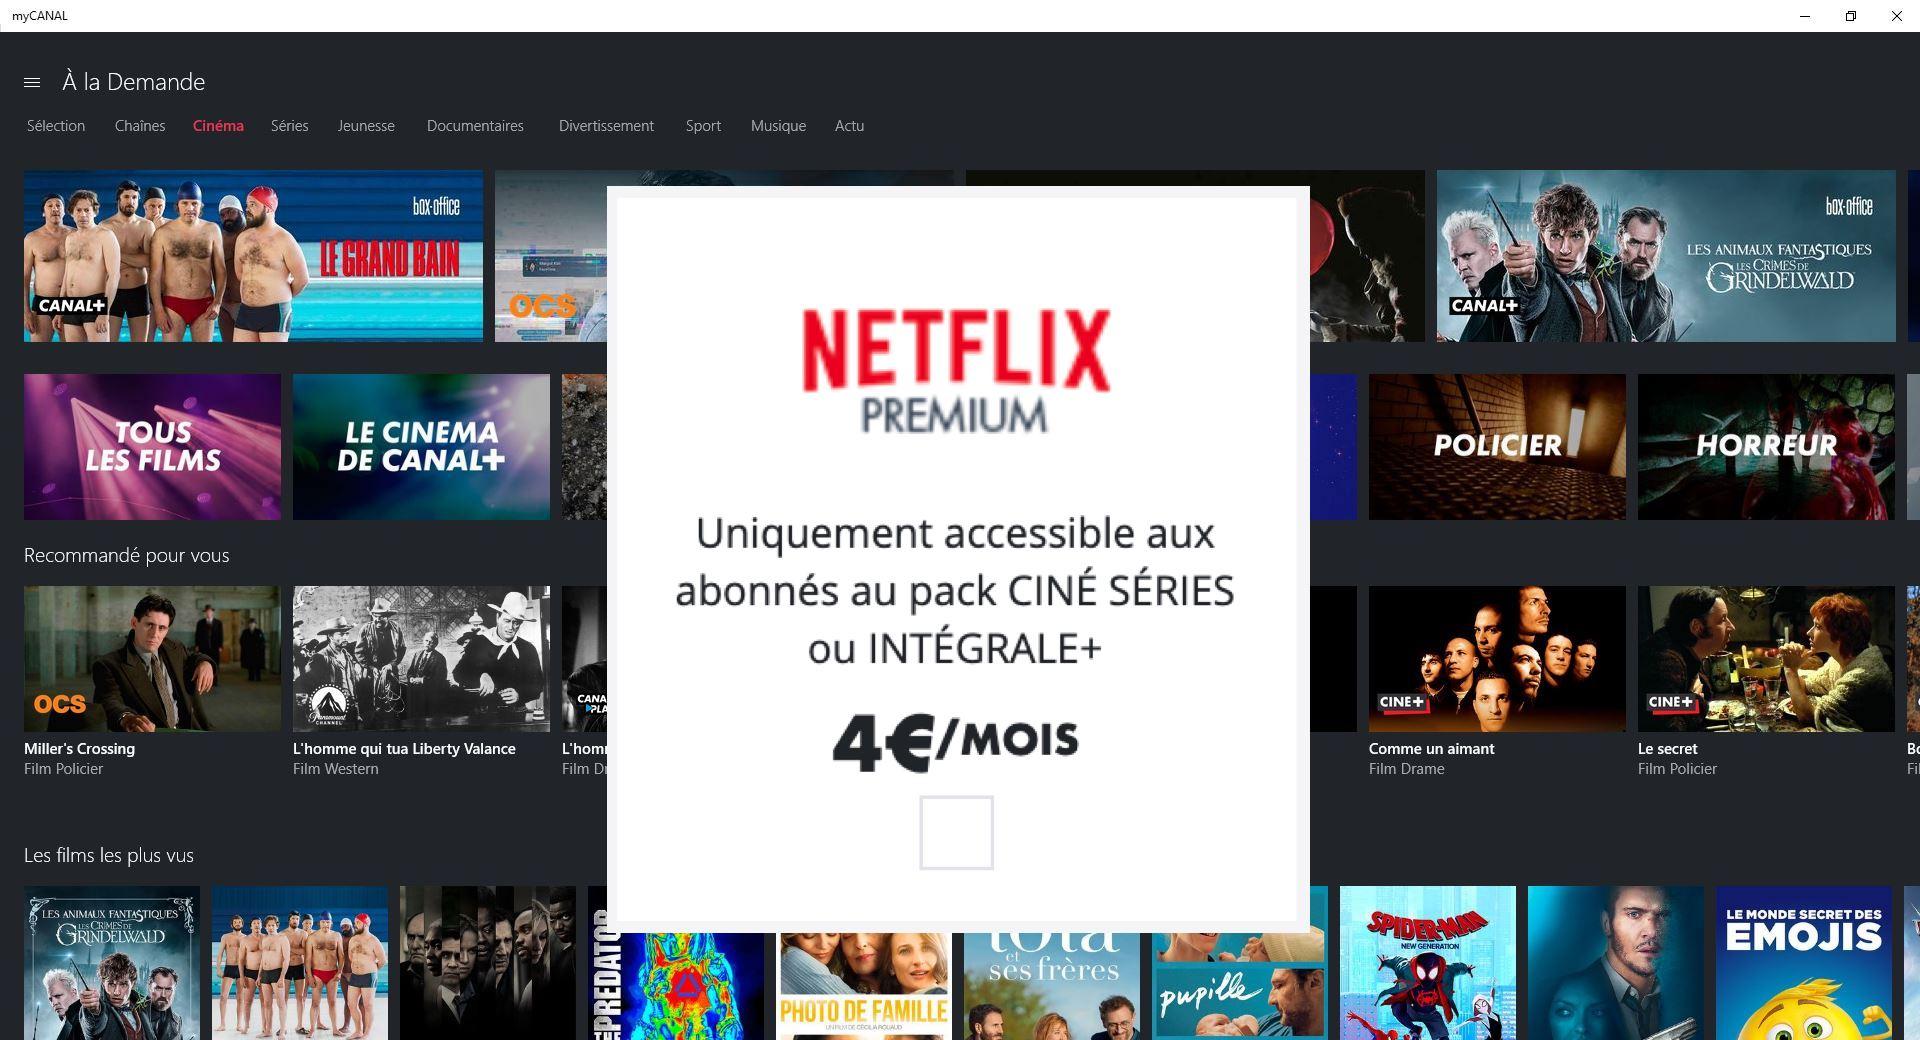 Netflix est officiellement dans les offres Canal+ : voici combien ça coûte